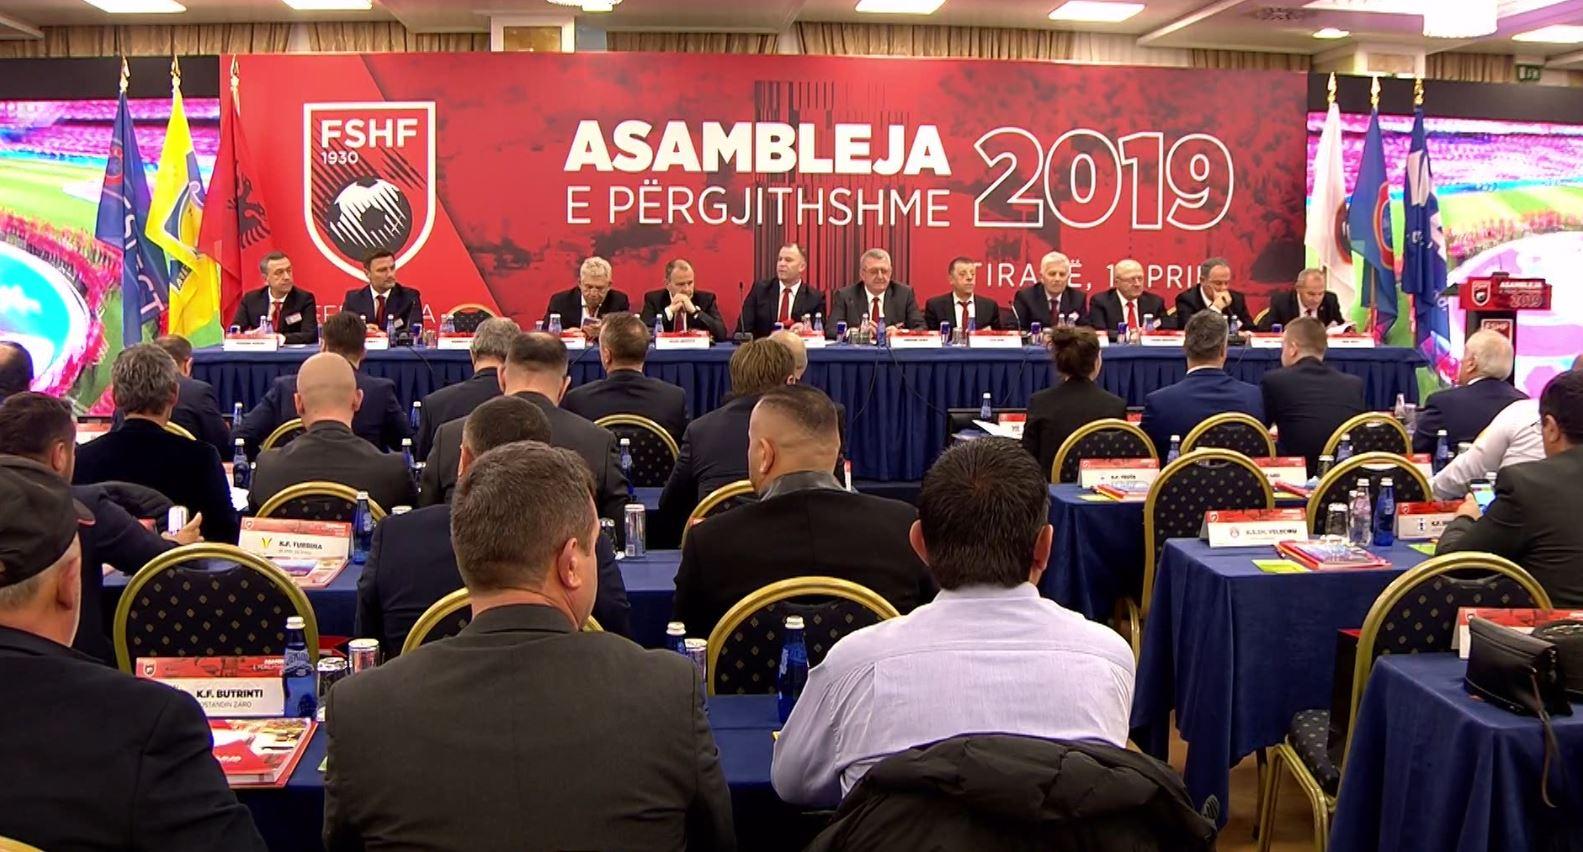 Vendimet e Asamblesë, FSHF u merr klubeve të drejtën televizive